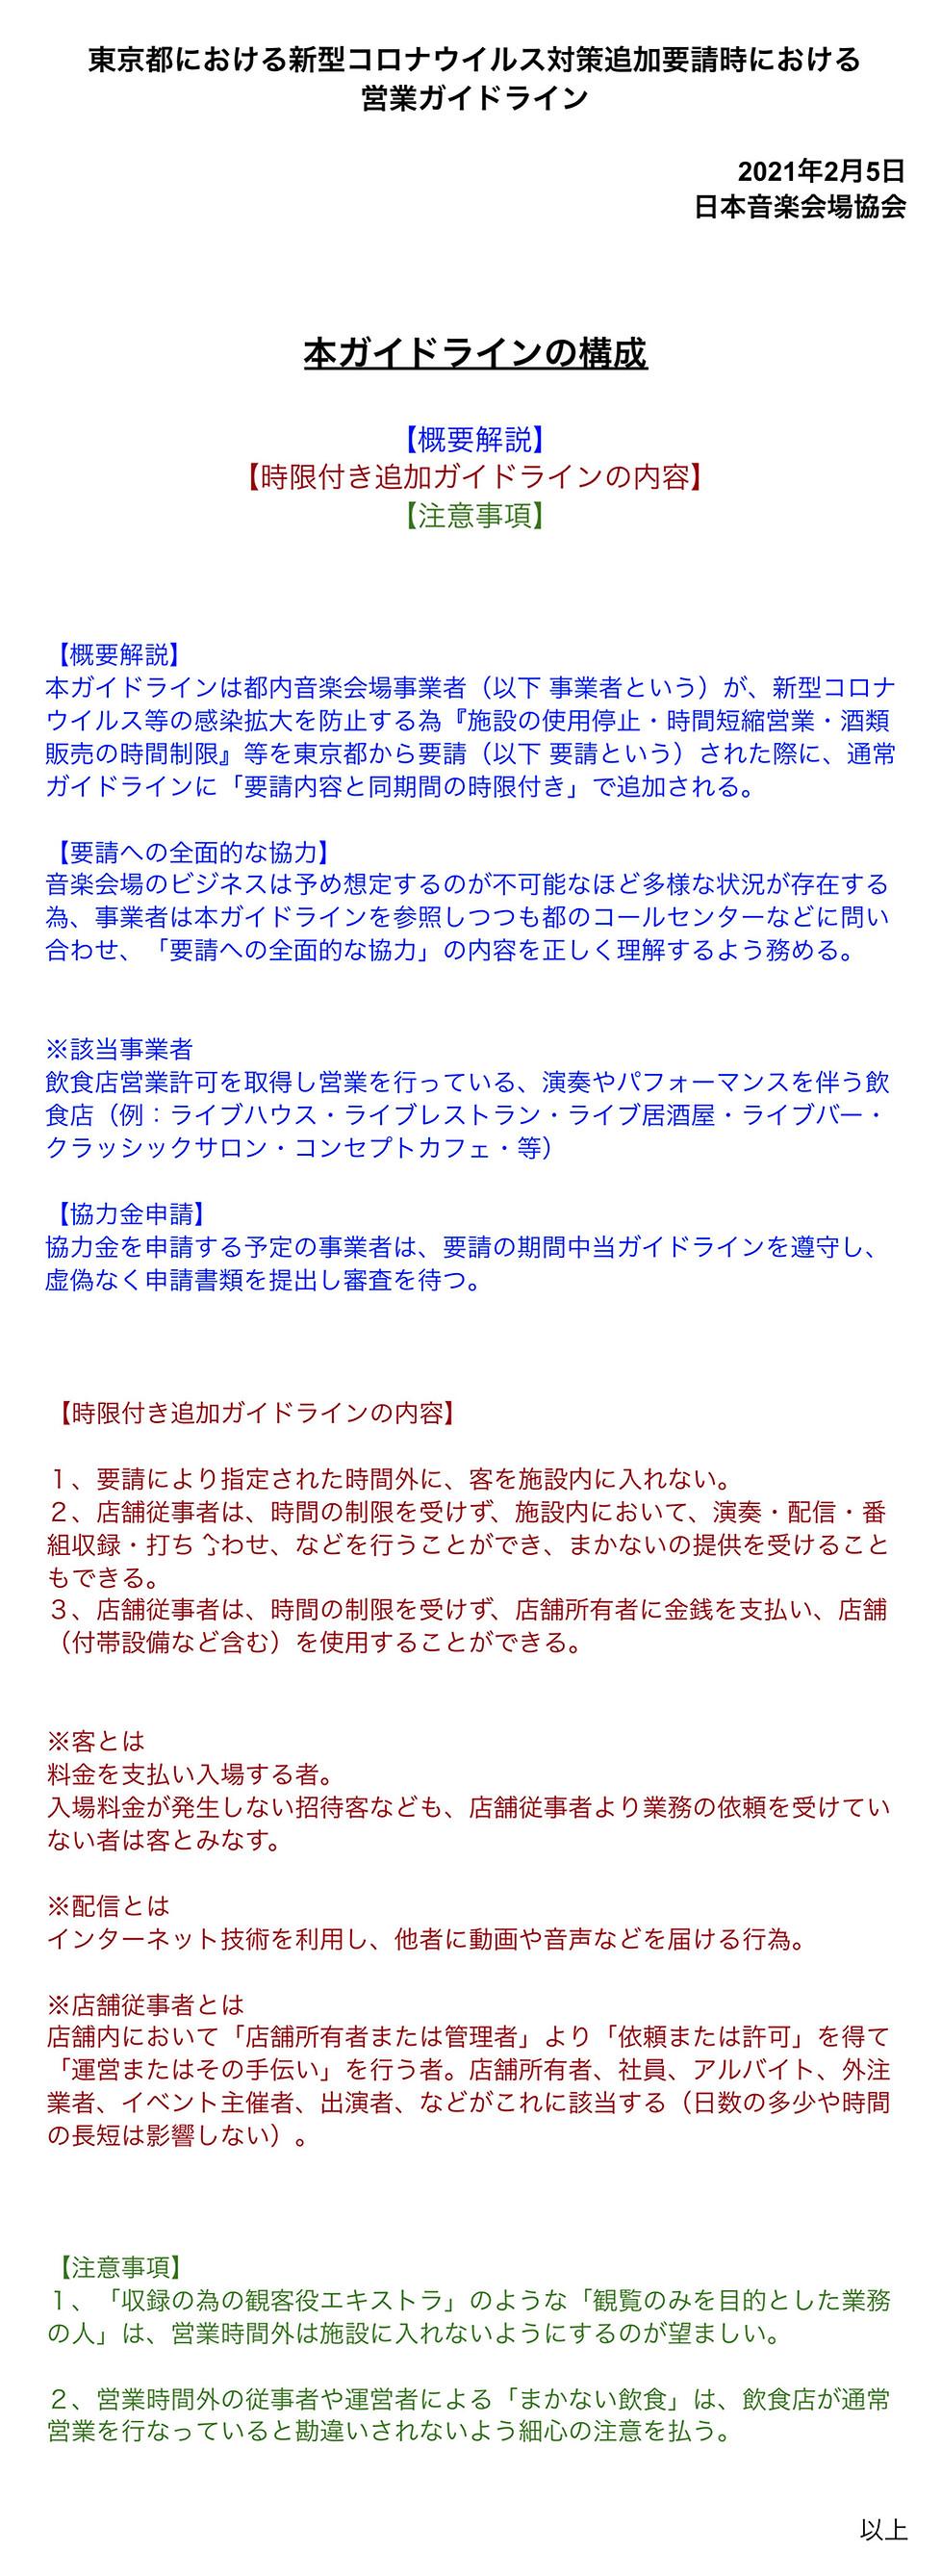 東京都特別ガイドライン(20210205).jpg